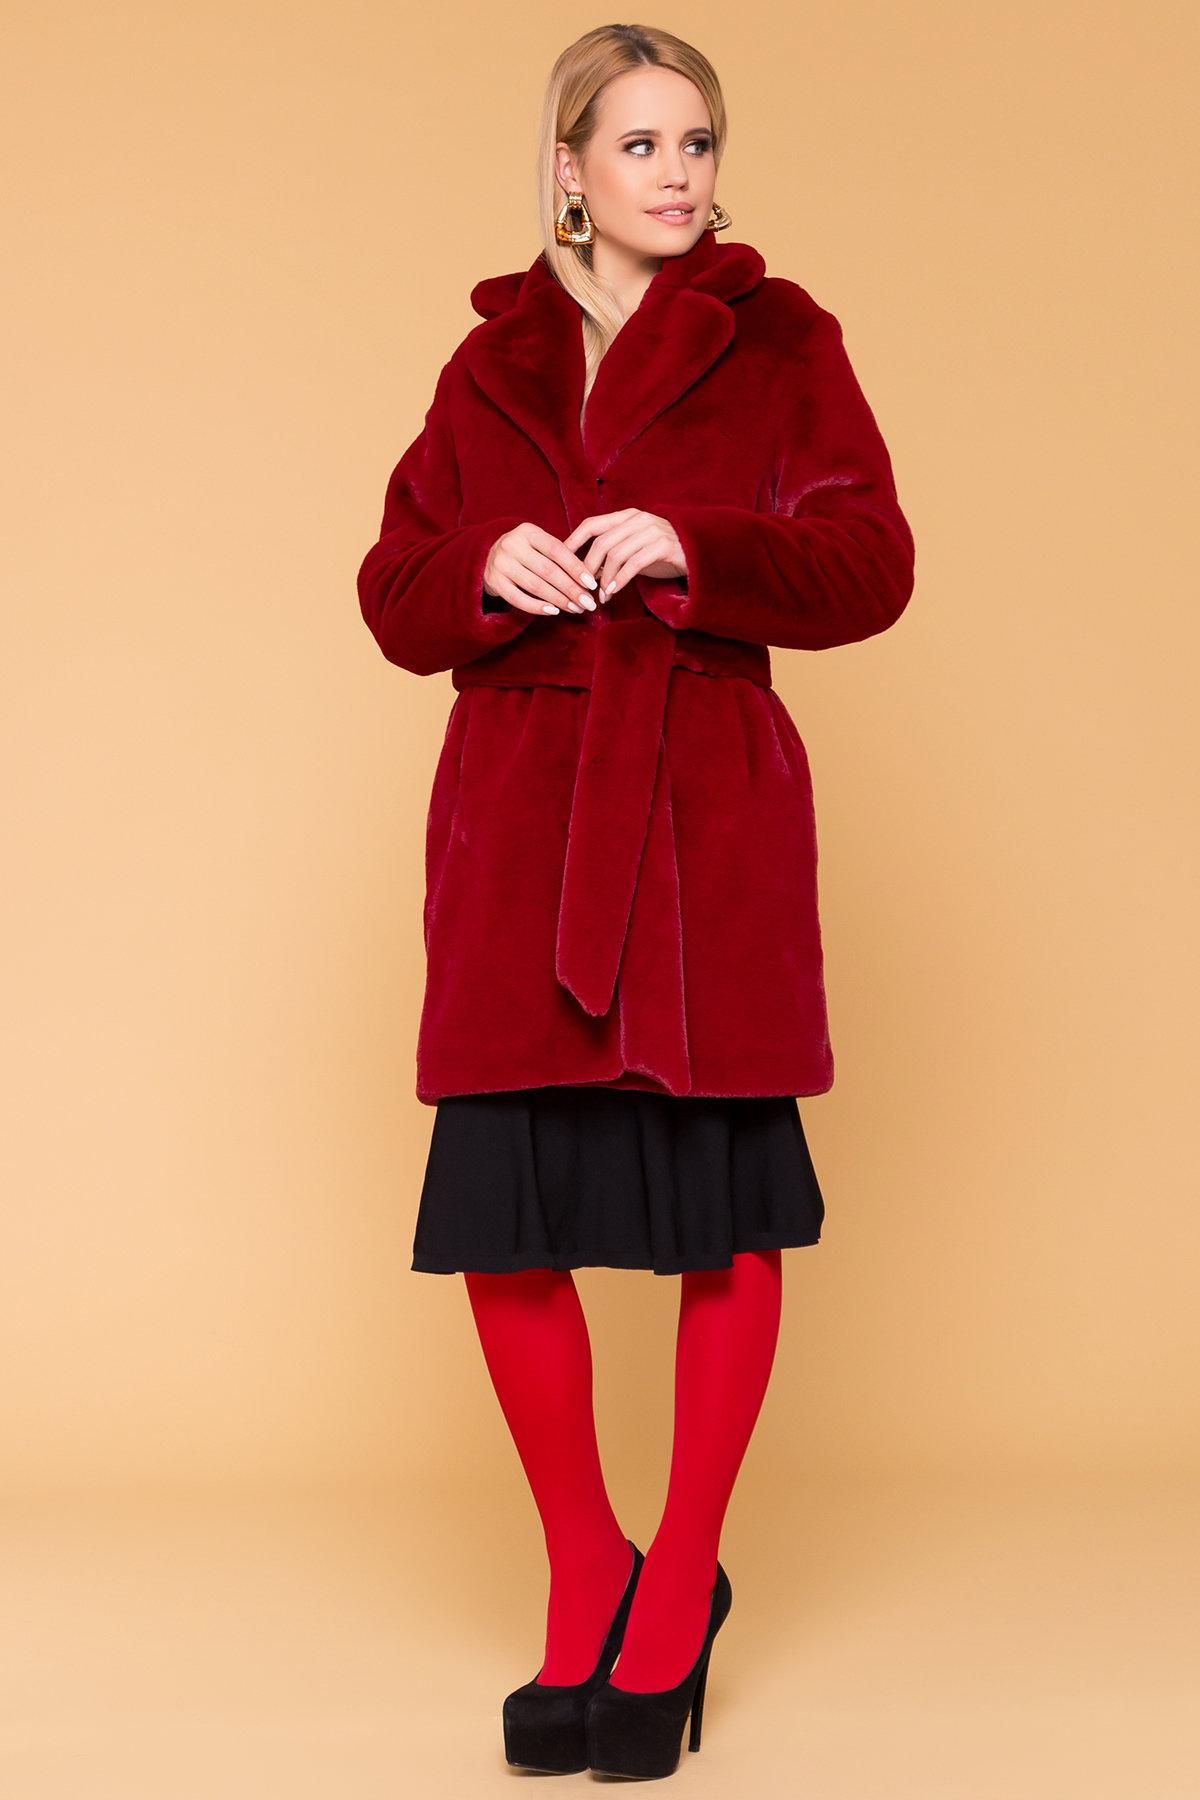 жилеты из натурального меха Эко шуба красного цвета Субира 4287